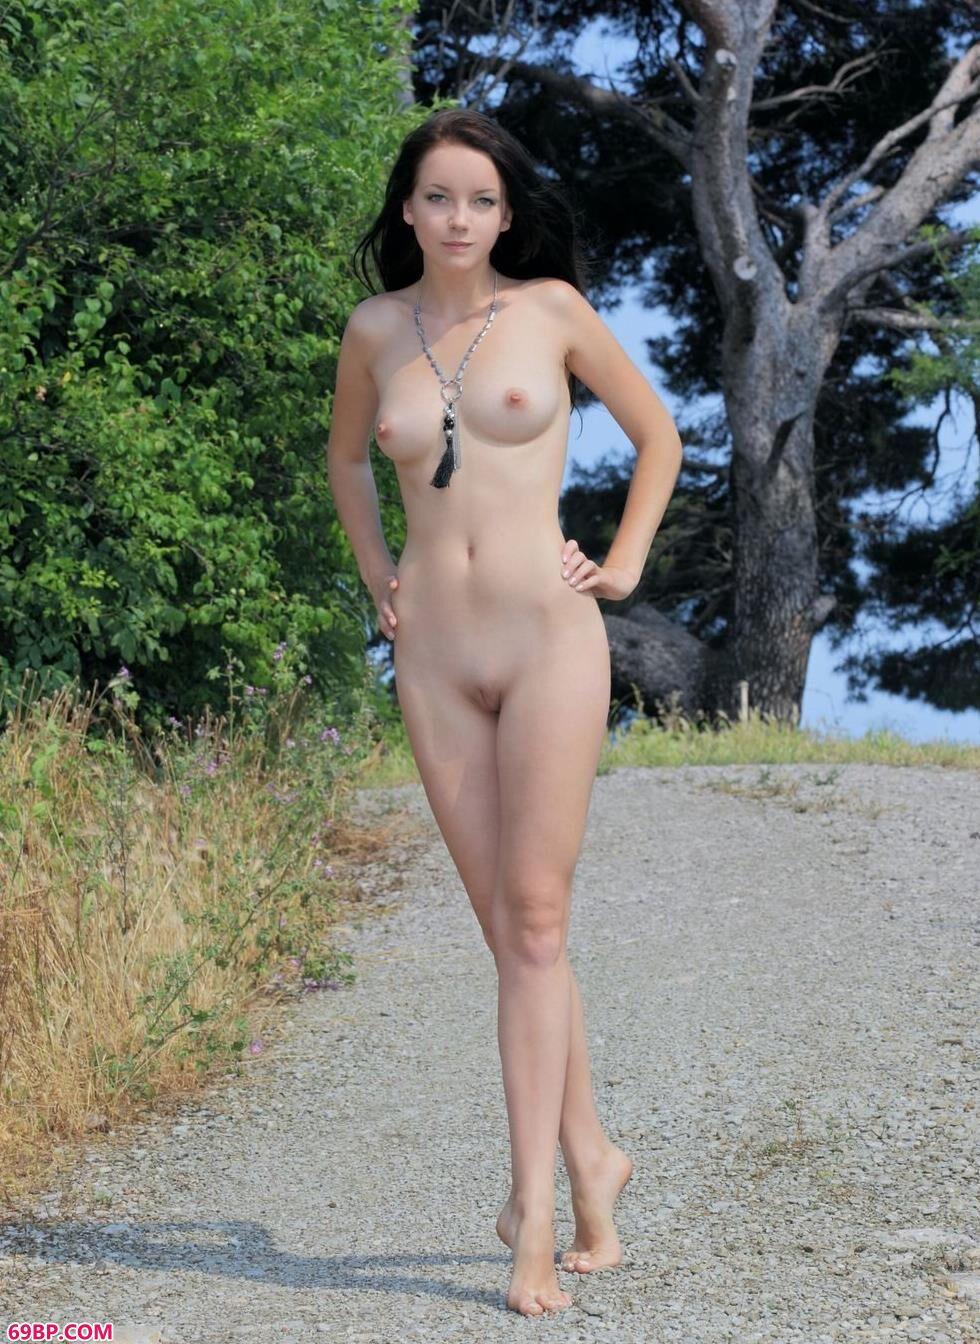 裸模Diana森林里的丰润人体